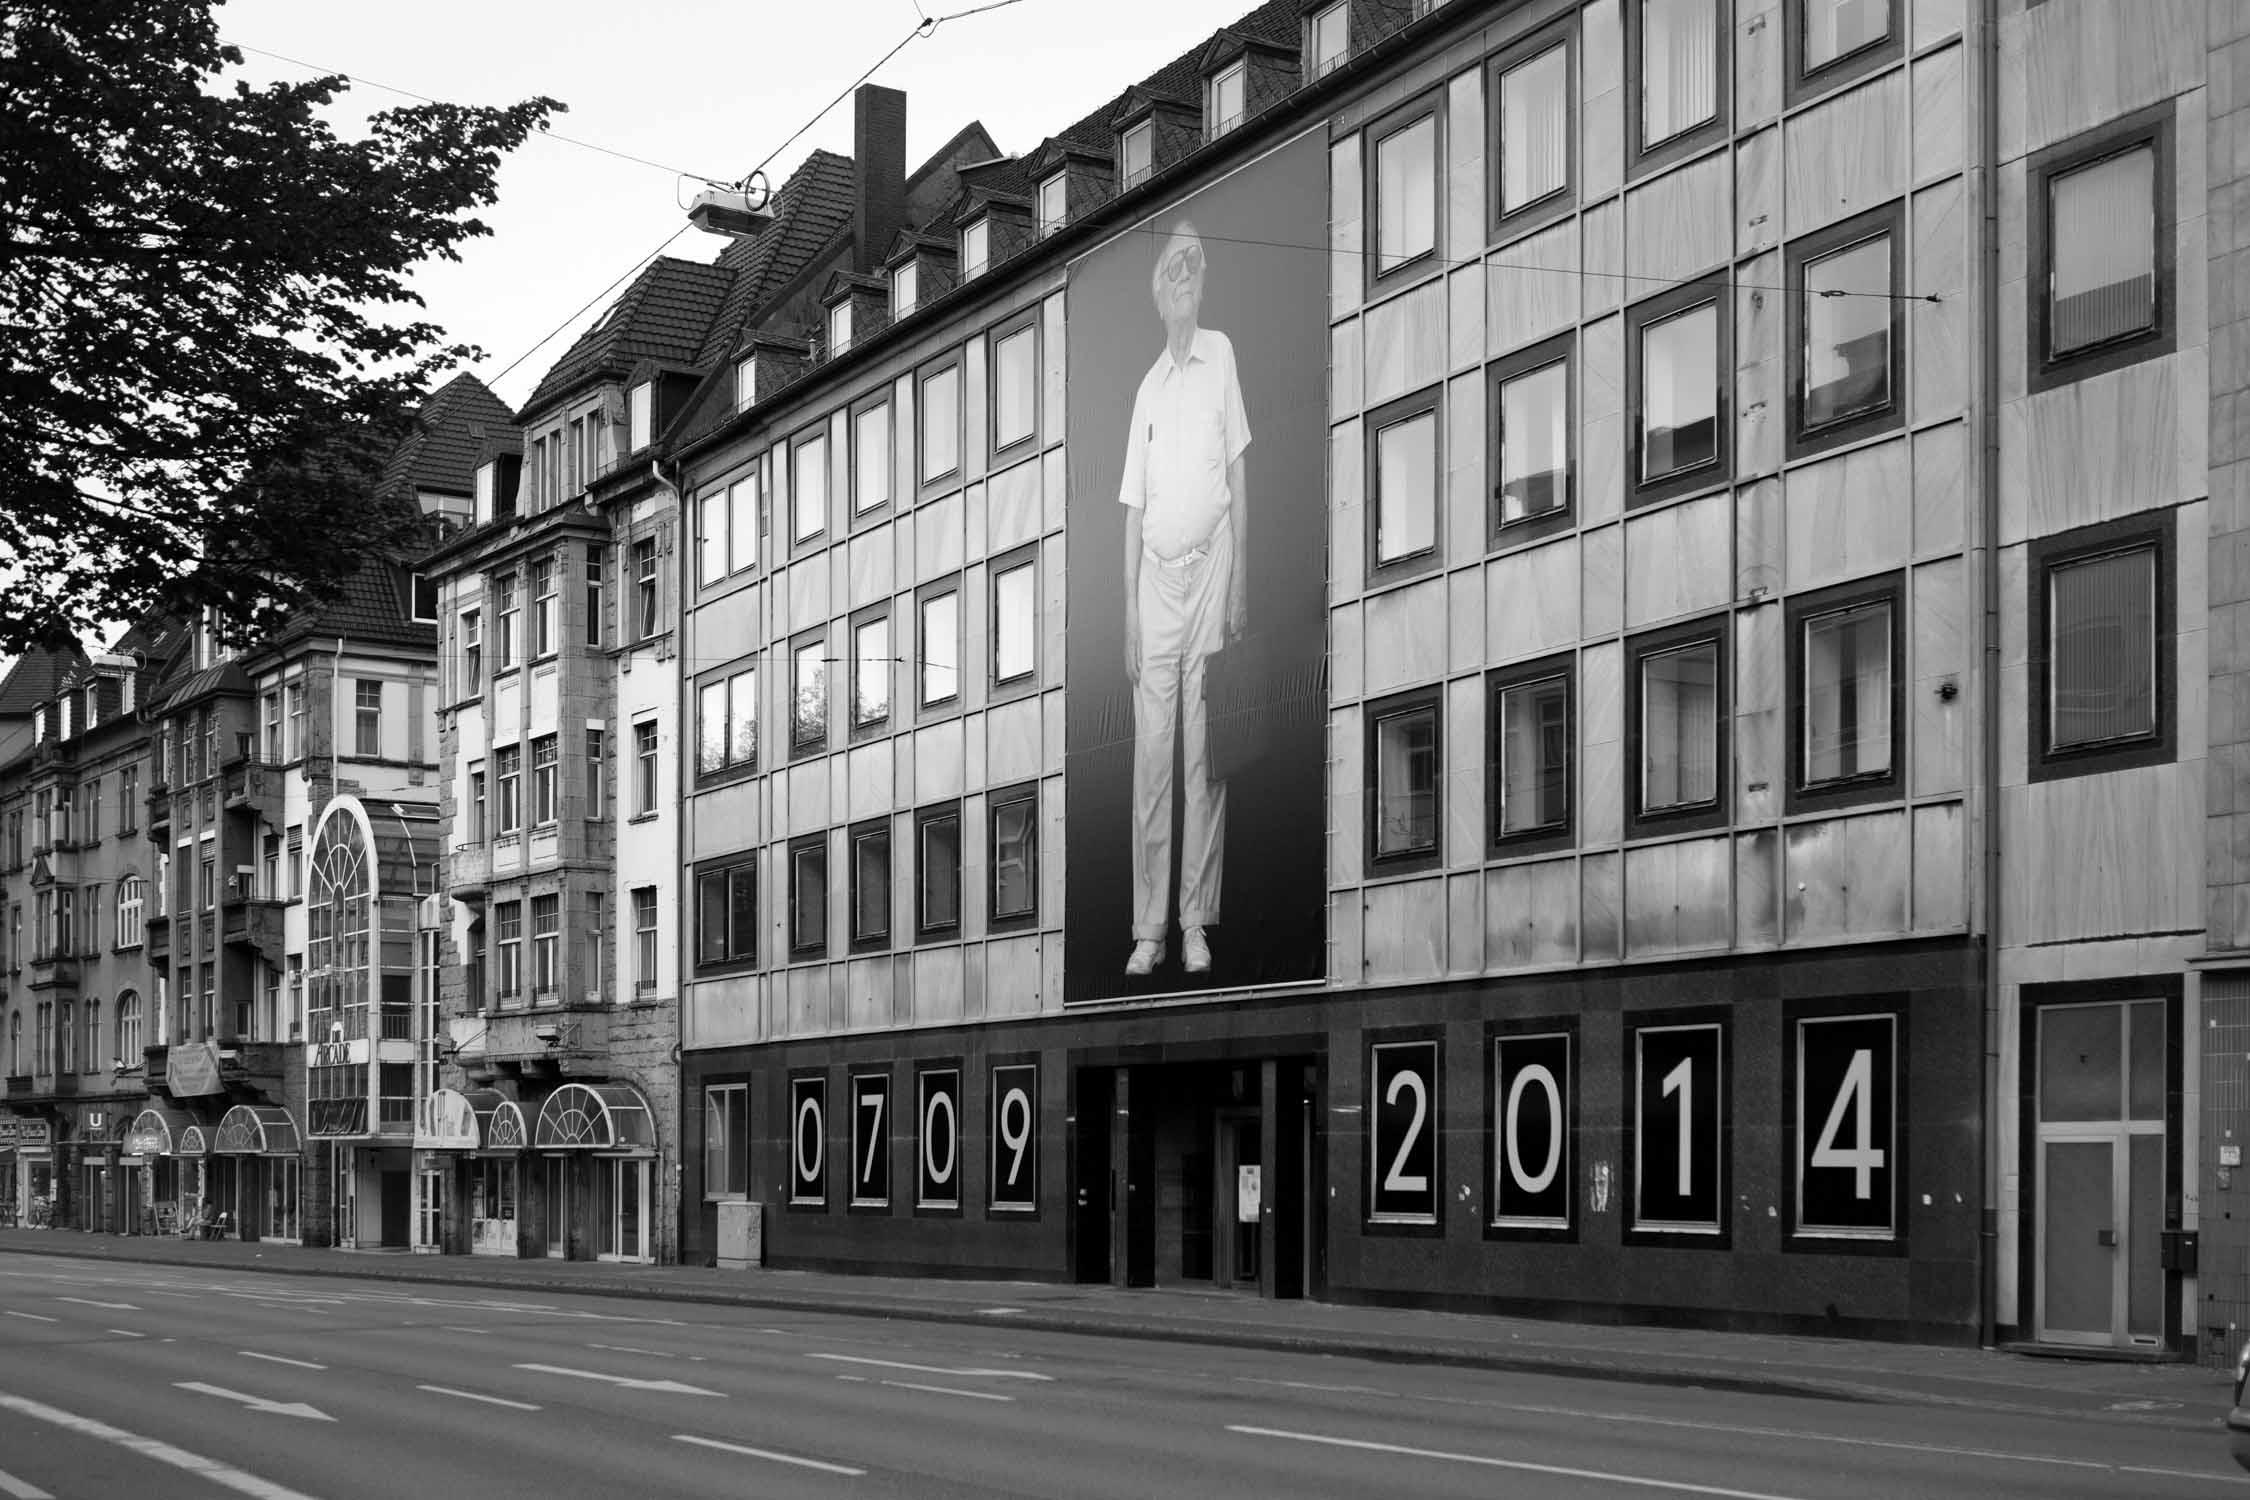 die bielefelder schule Emmanuel raab fassade alter mann brille tasche schwarzer hintergrund menschenbilder ausstellung bielefeld fh gestaltung jörn strojny